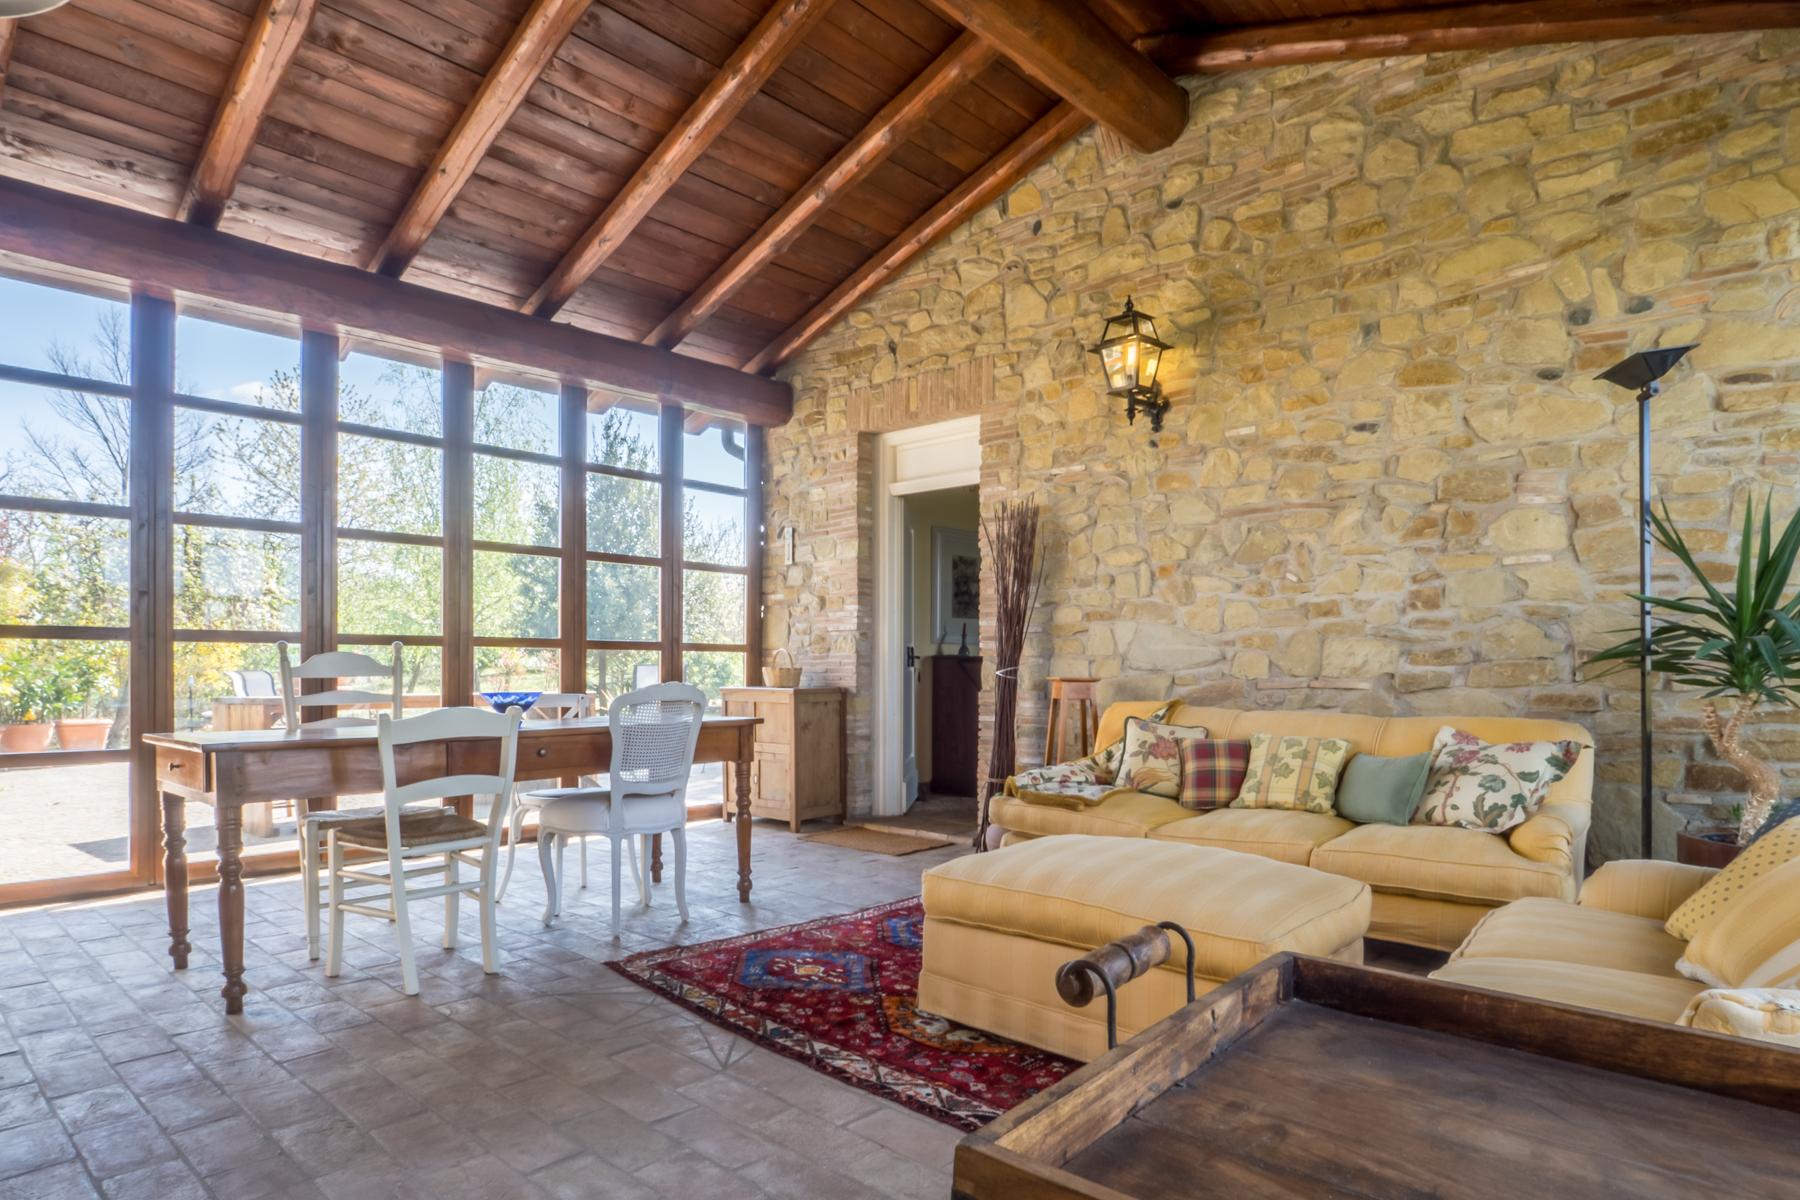 Rustico in Vendita a San Giorgio Monferrato: 5 locali, 550 mq